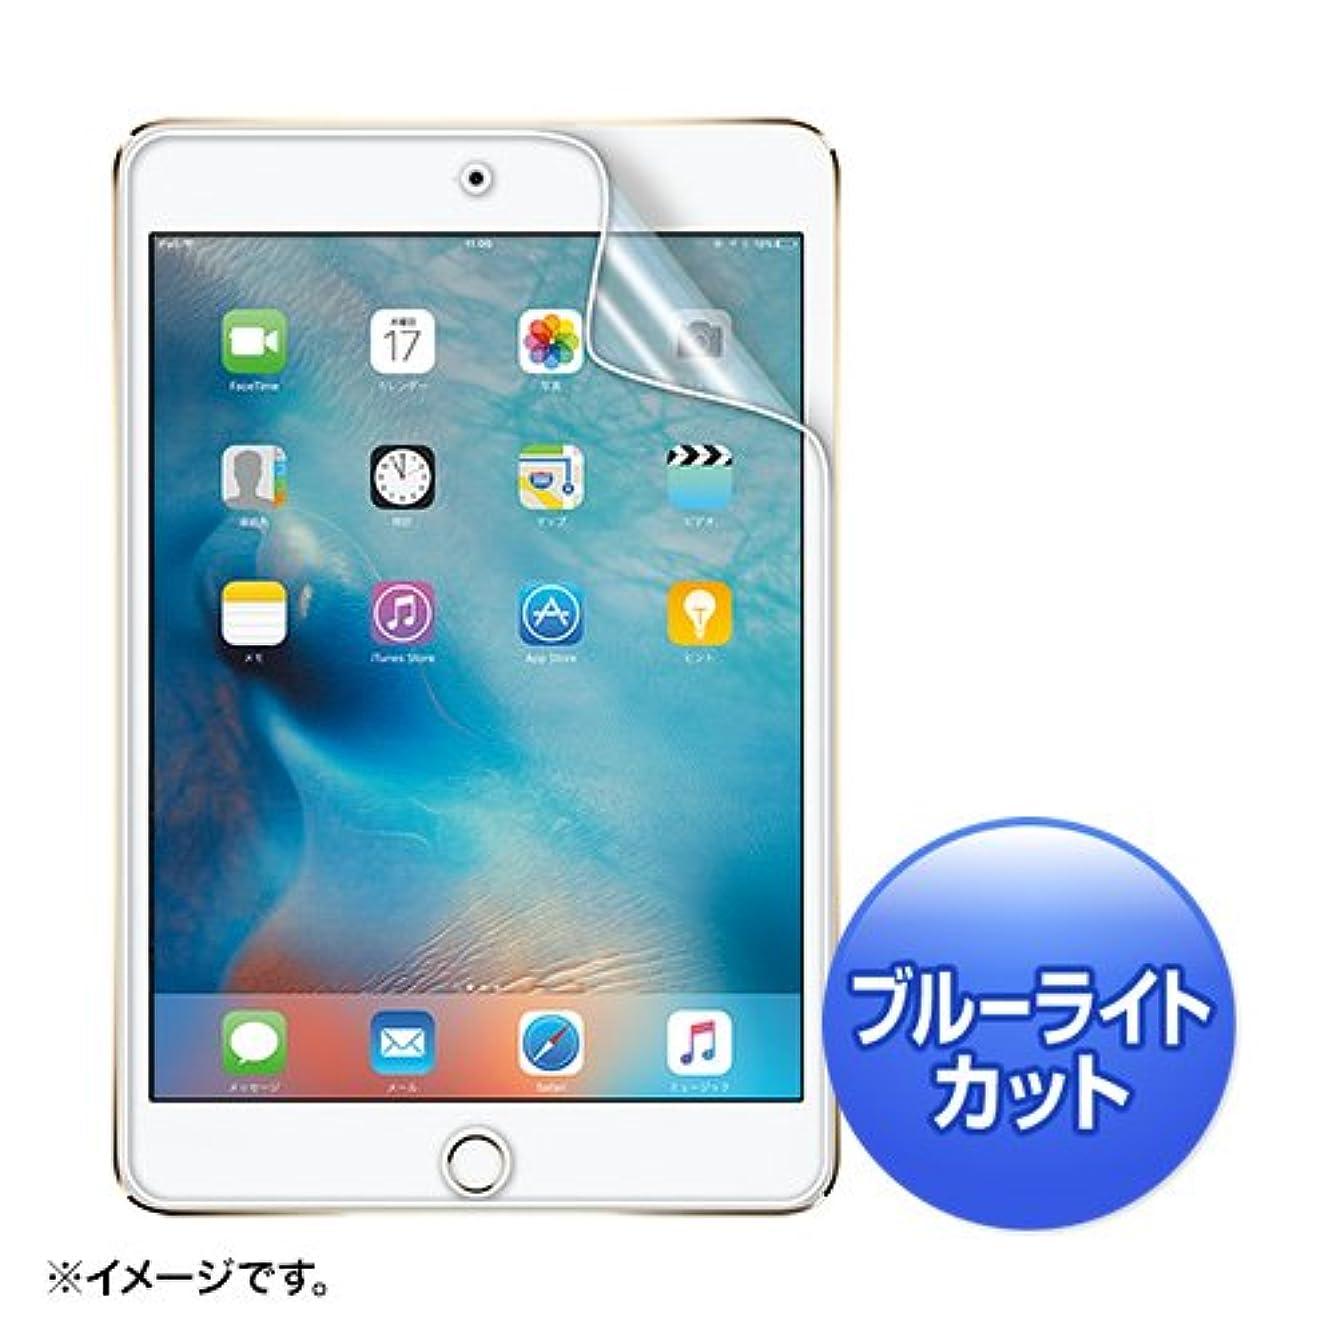 ピアニスト回転させる小石サンワサプライ アウトレット 液晶保護フィルム(iPad mini 4用?指紋?反射防止?ブルーライトカット) LCD-IPM4BCAR 箱にキズ、汚れのあるアウトレット品です。